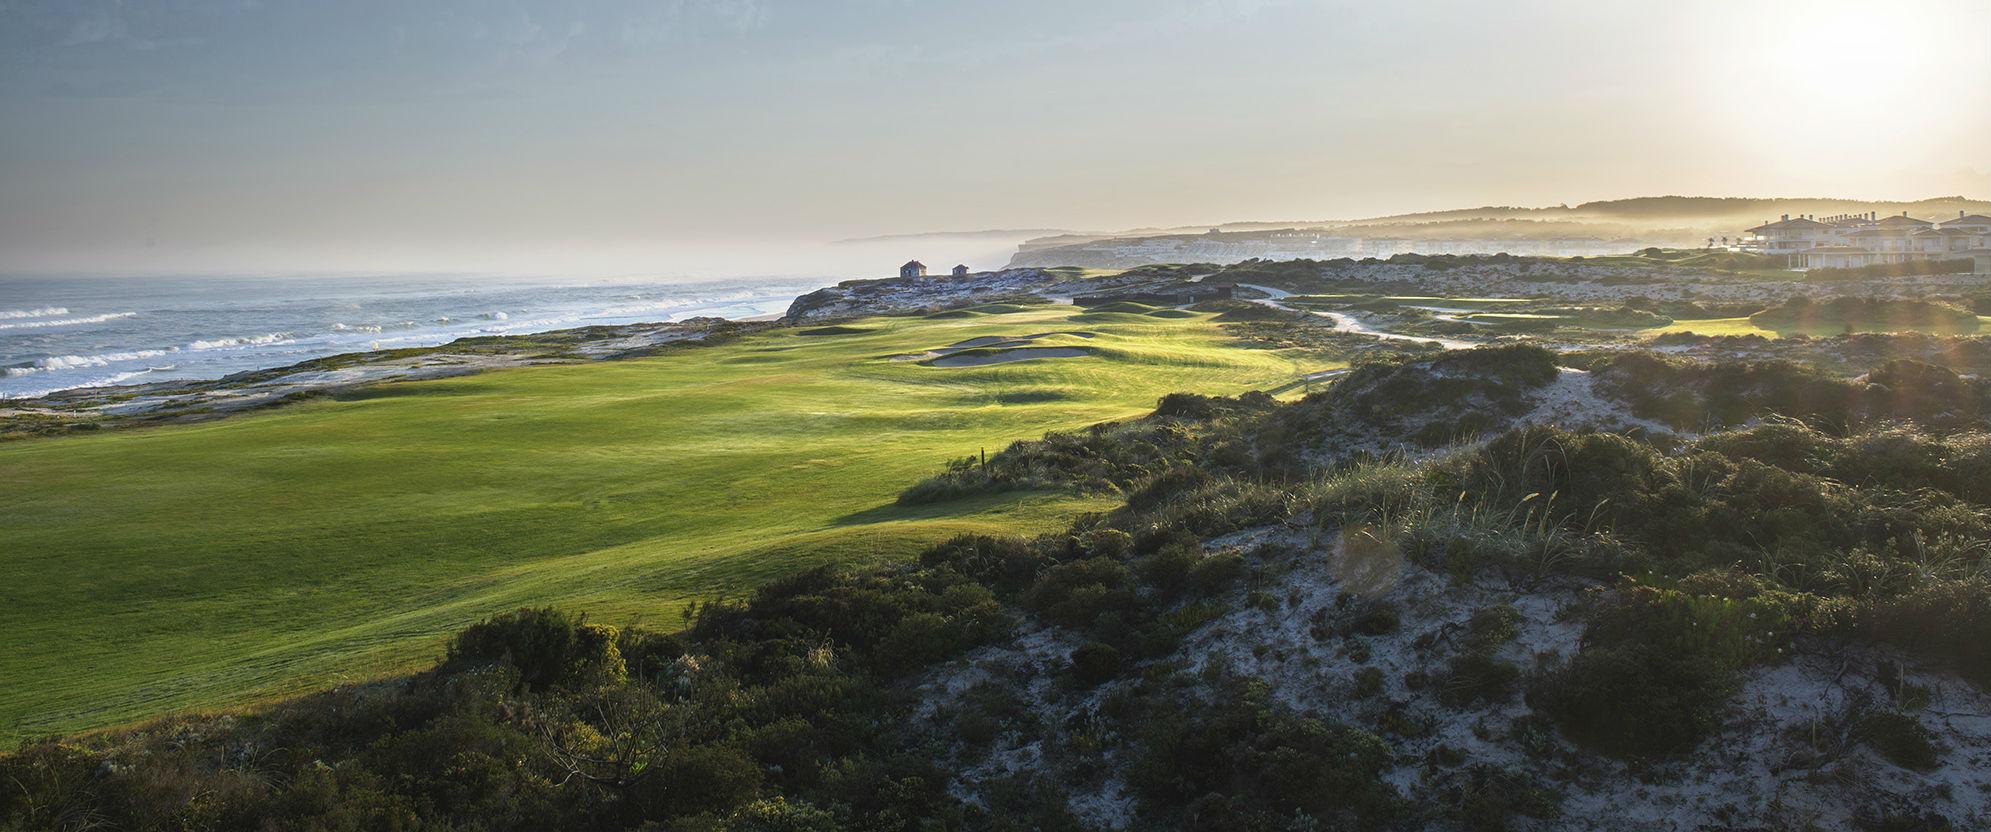 Demande de devis pour un s jour golf au portugal for Demande de devis